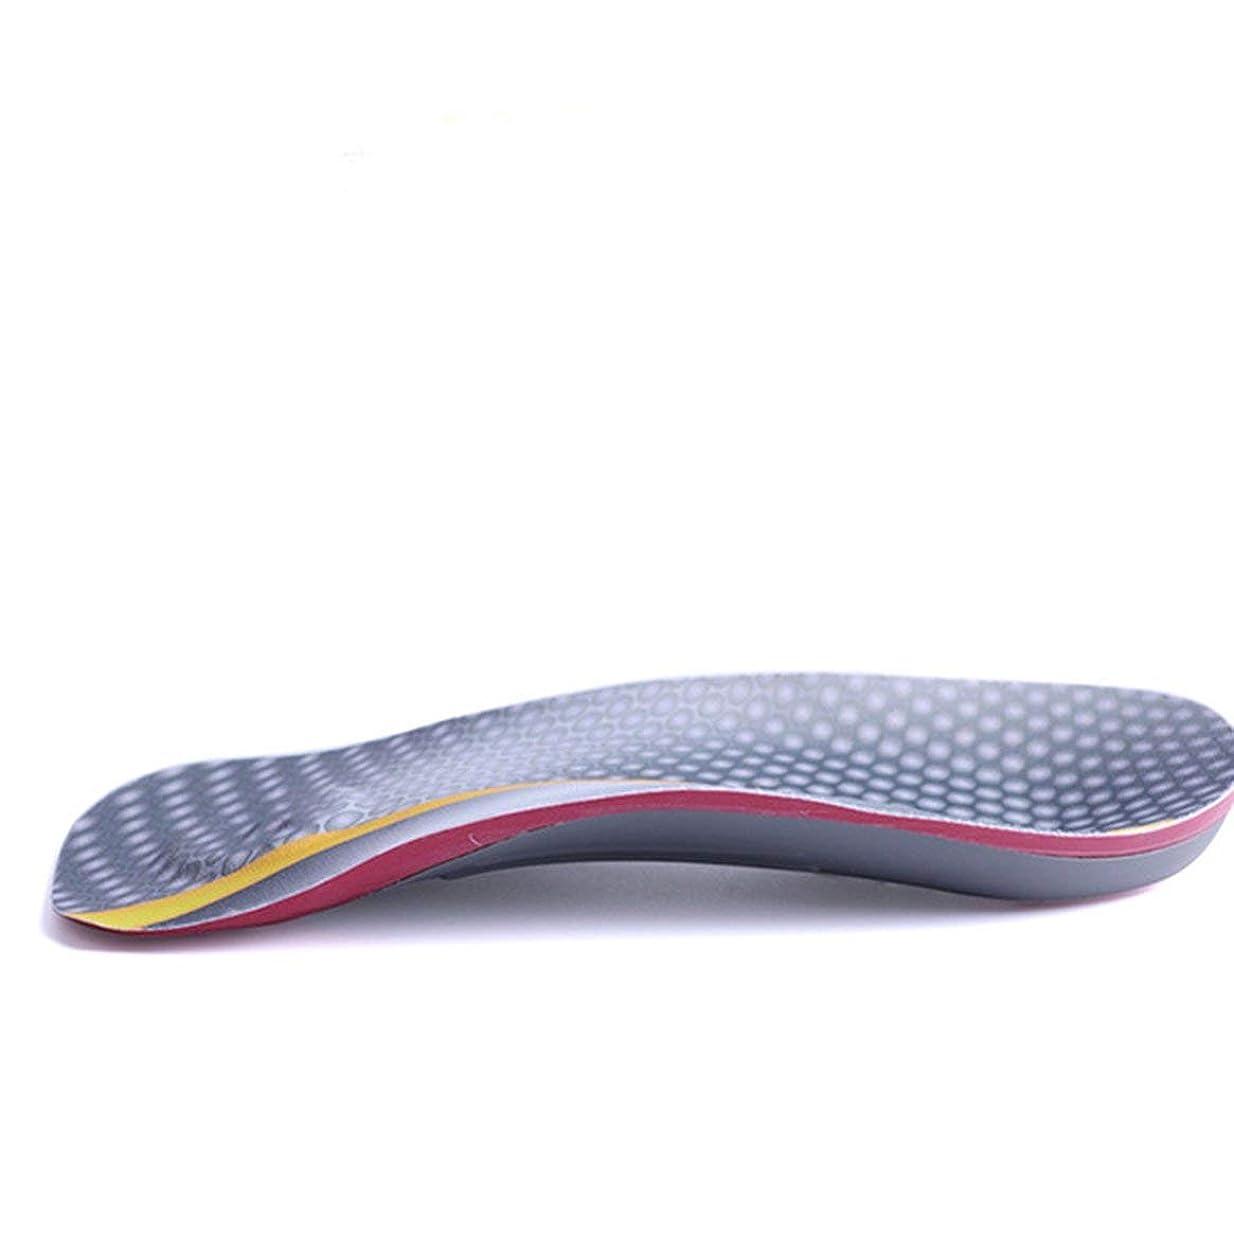 足のアーチハーフパッド補正3/4矯正アーチサポートインソール靴クッションパッドランニングフィートプロネーション落ち(グレー)